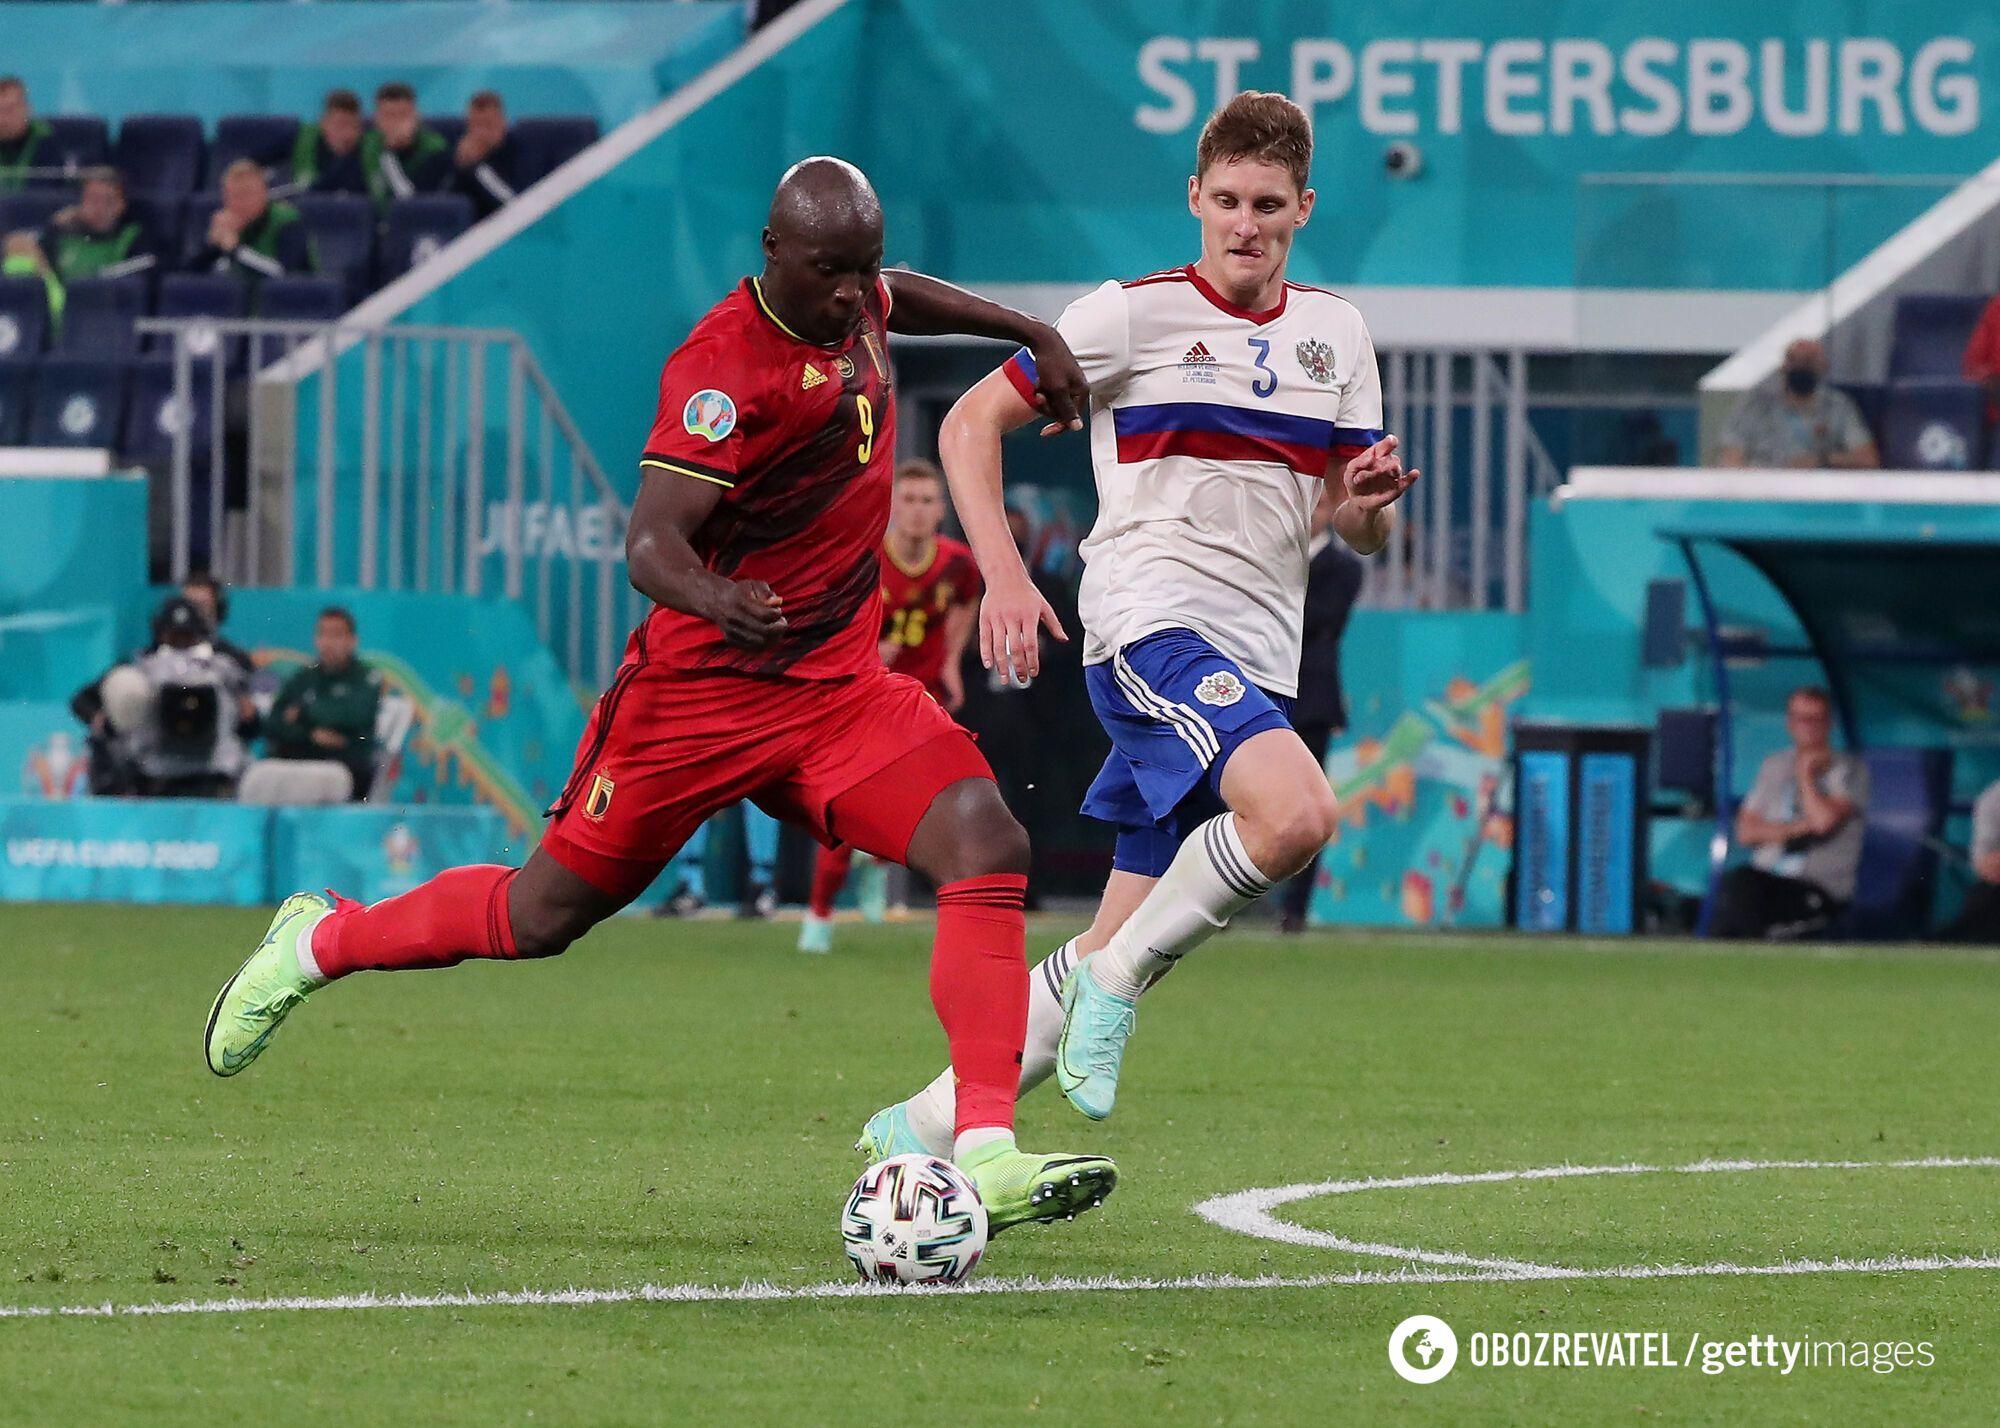 Россия проиграла Бельгии на старте Евро